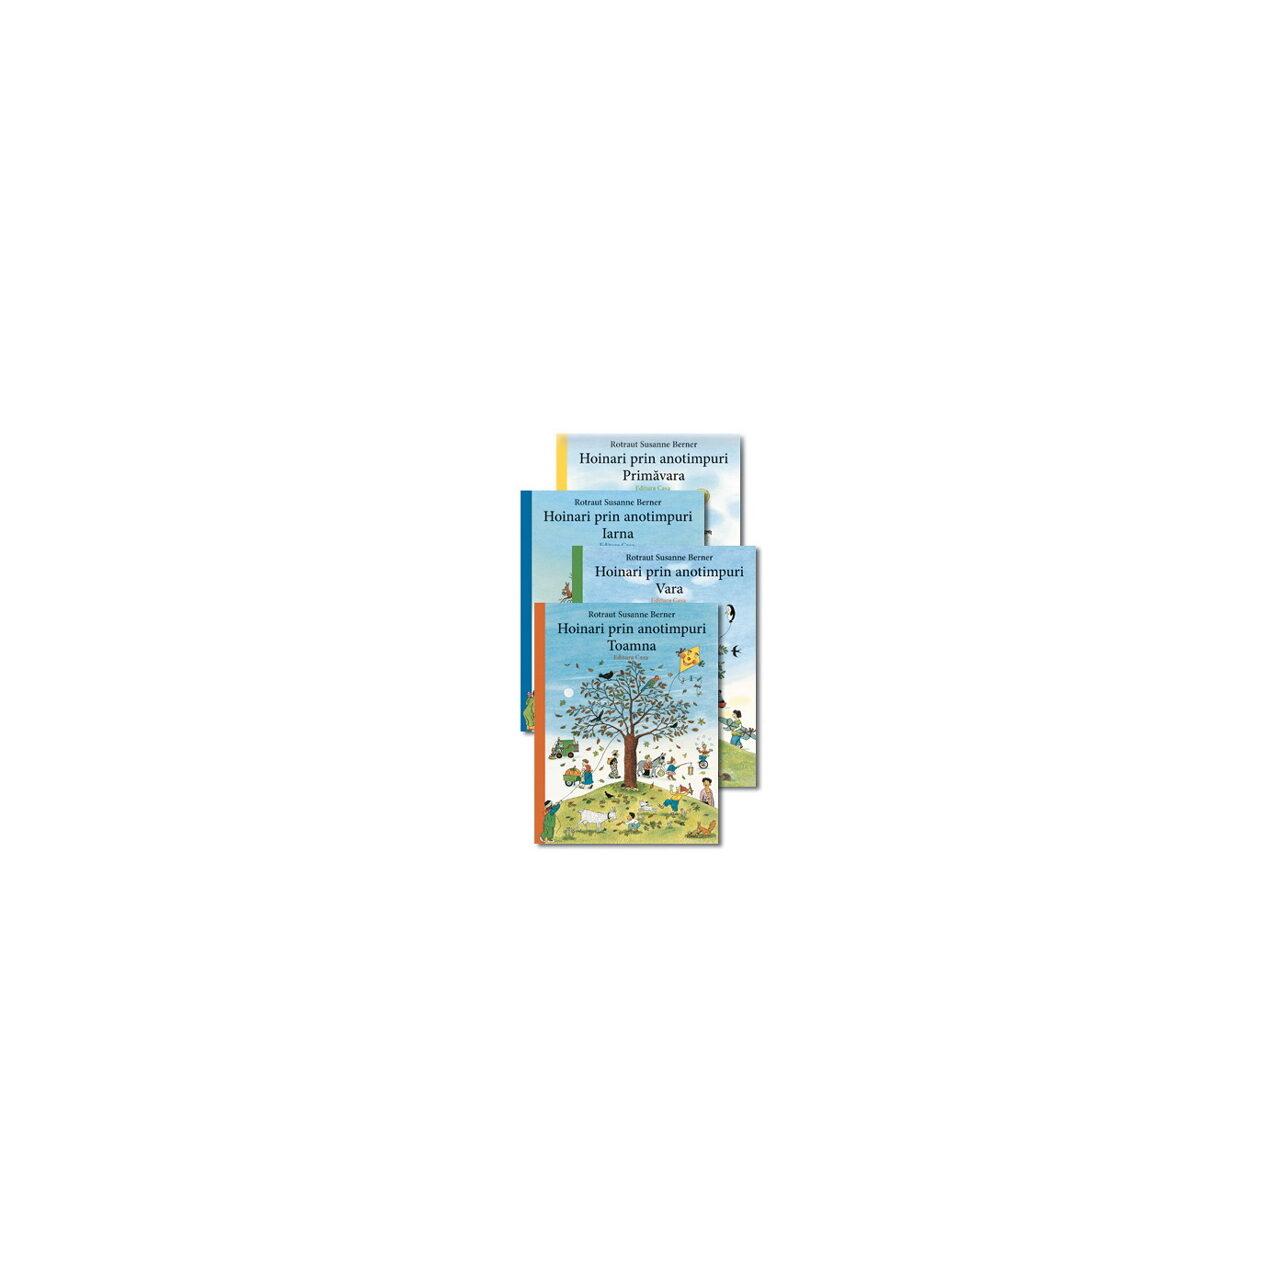 Pachet Hoinari prin anotimpuri - 4 volume imagine edituracasa.ro